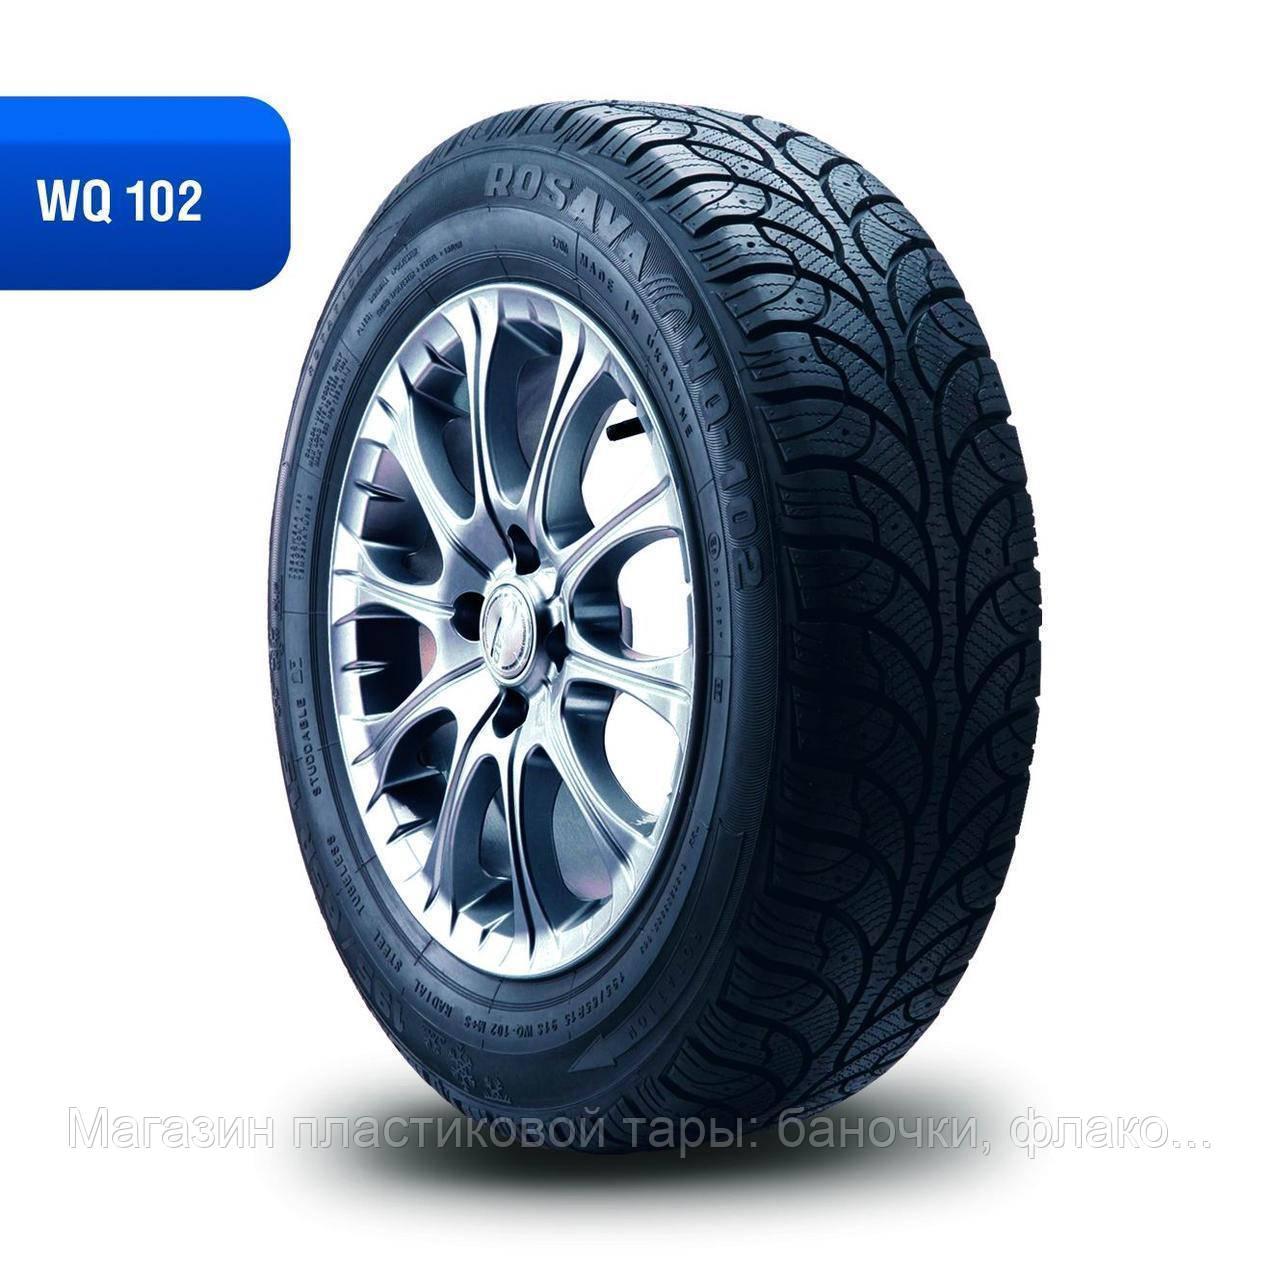 205/55R16 WQ-102 зимние шины Росава